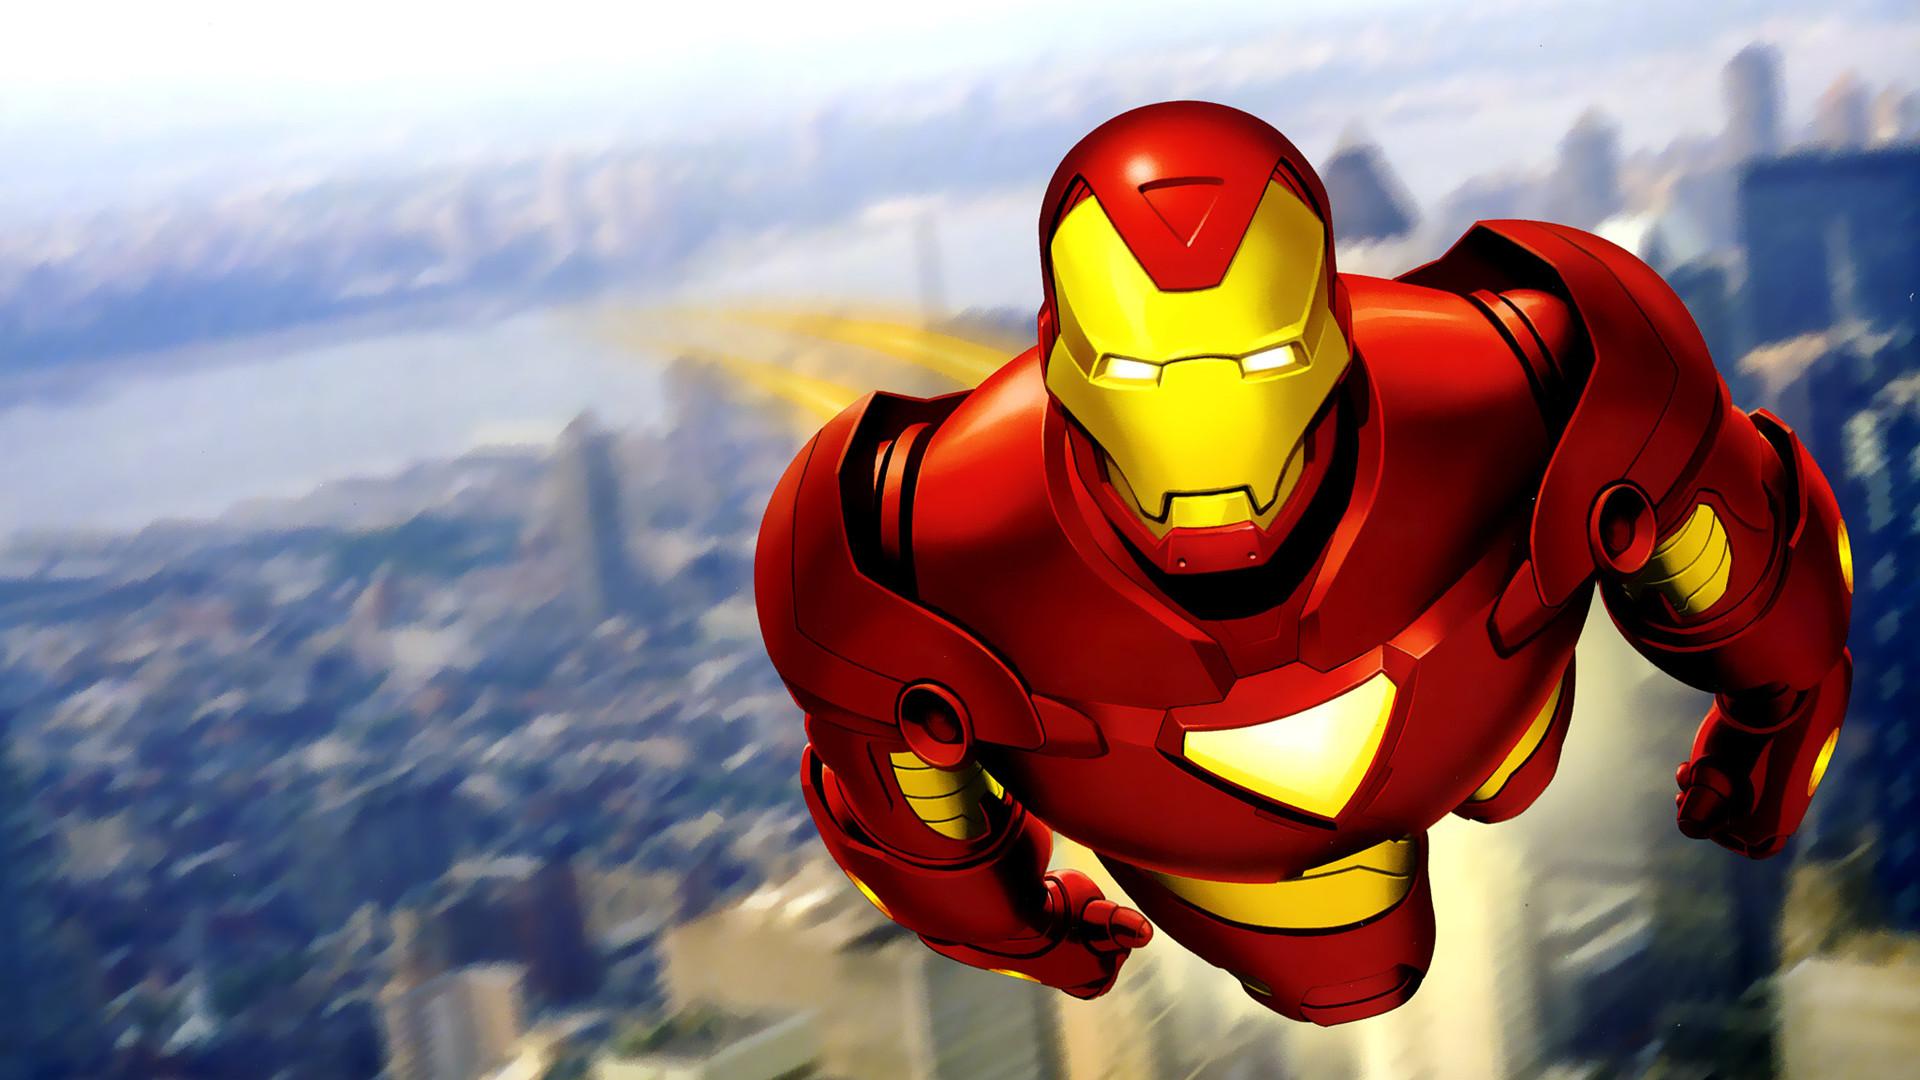 Best cartoon wallpapers 69 images - Iron man cartoon wallpaper ...